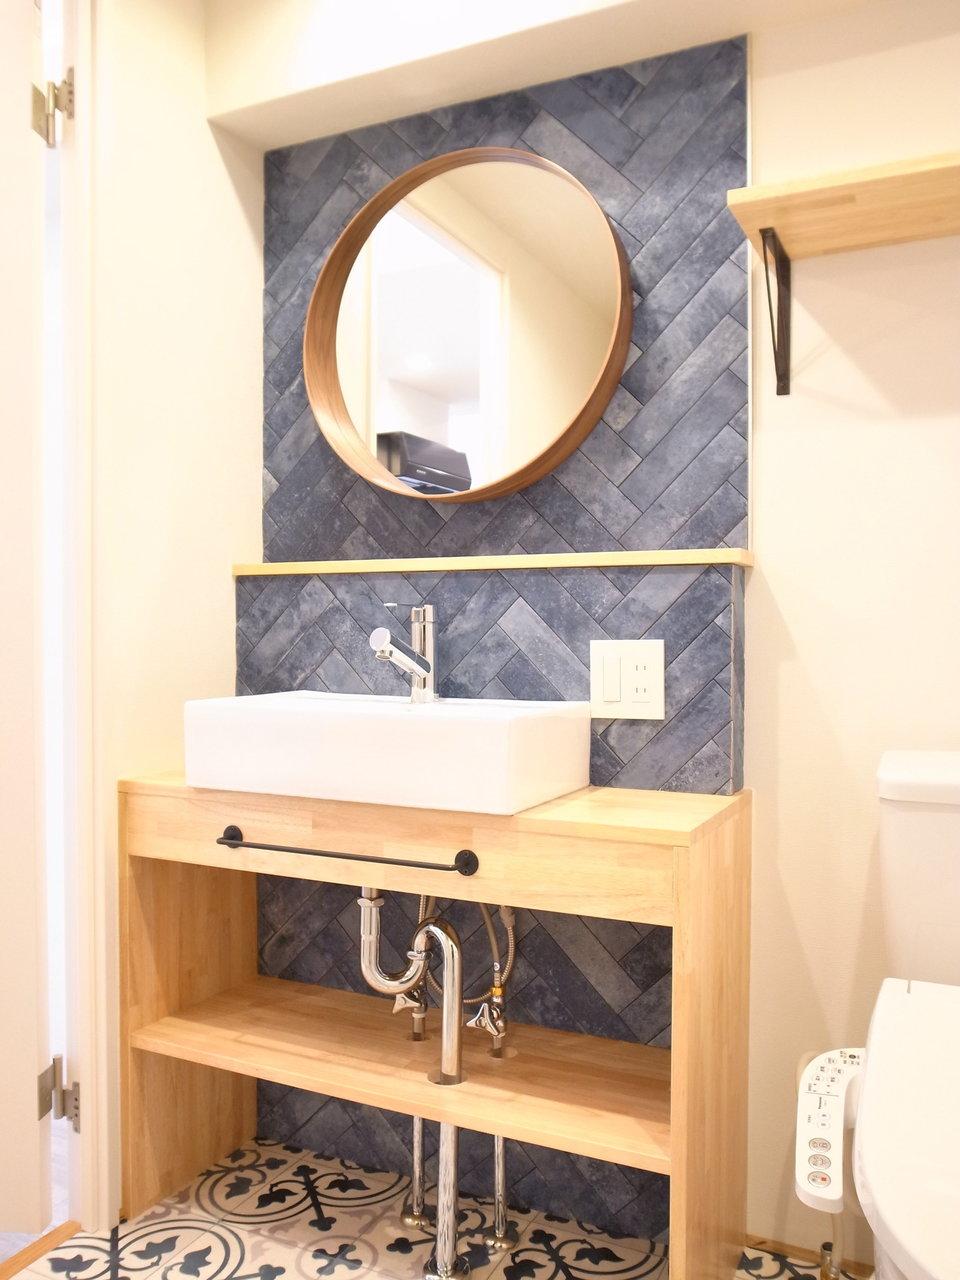 丸い鏡と木目が温かみを出している洗面台。床面のシートもおしゃれなデザインになっています。